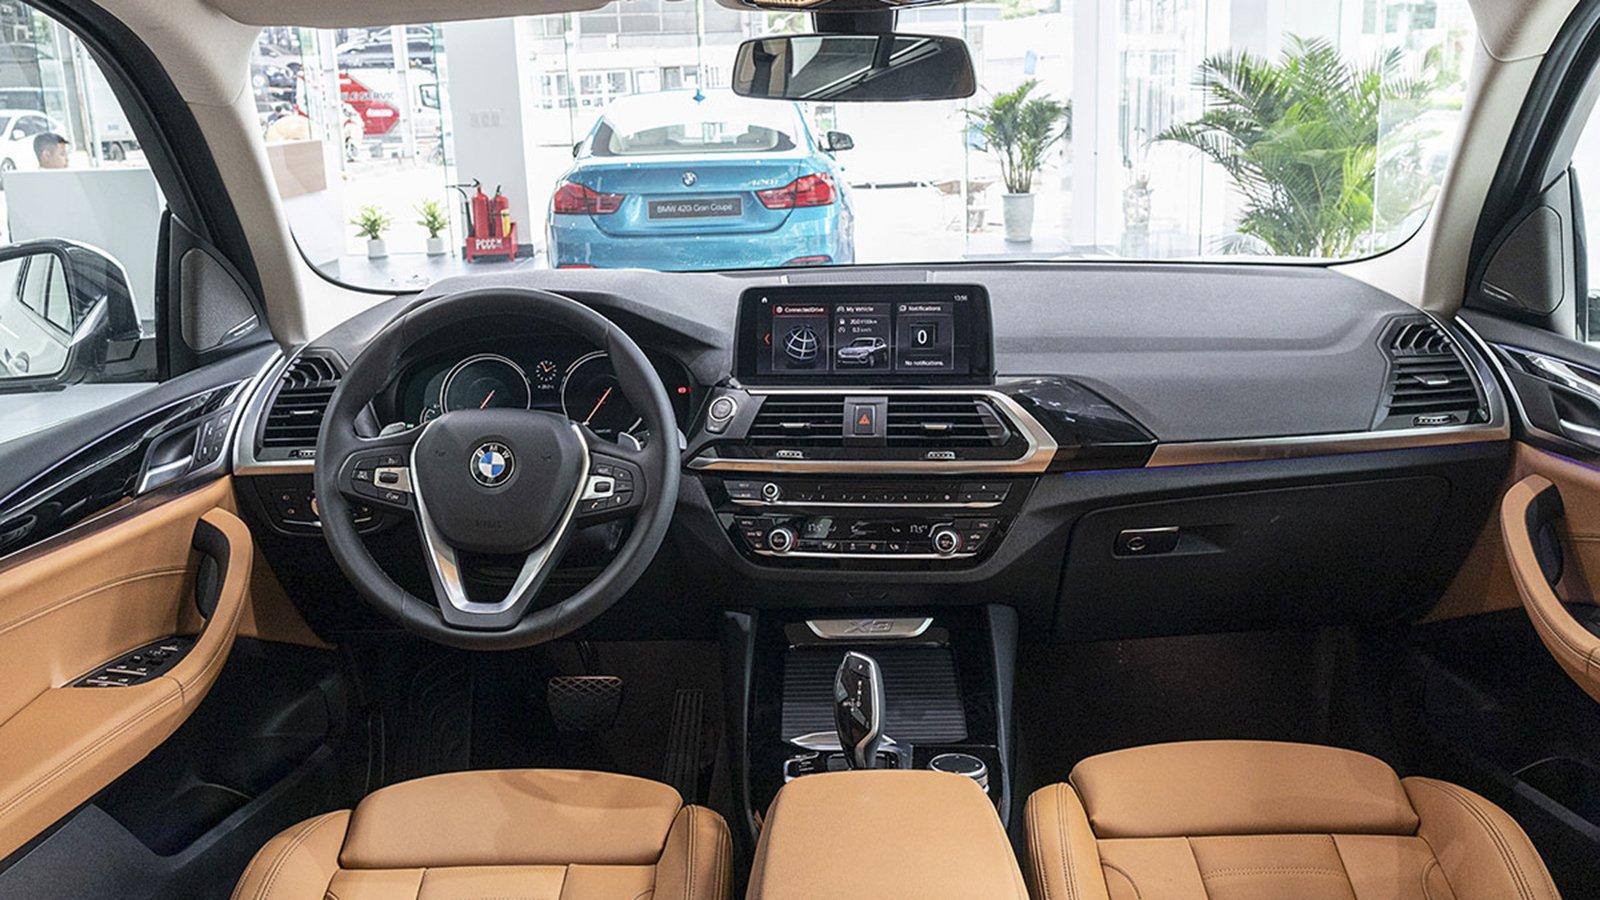 Ảnh chụp nội thất xe BMW X3 2020